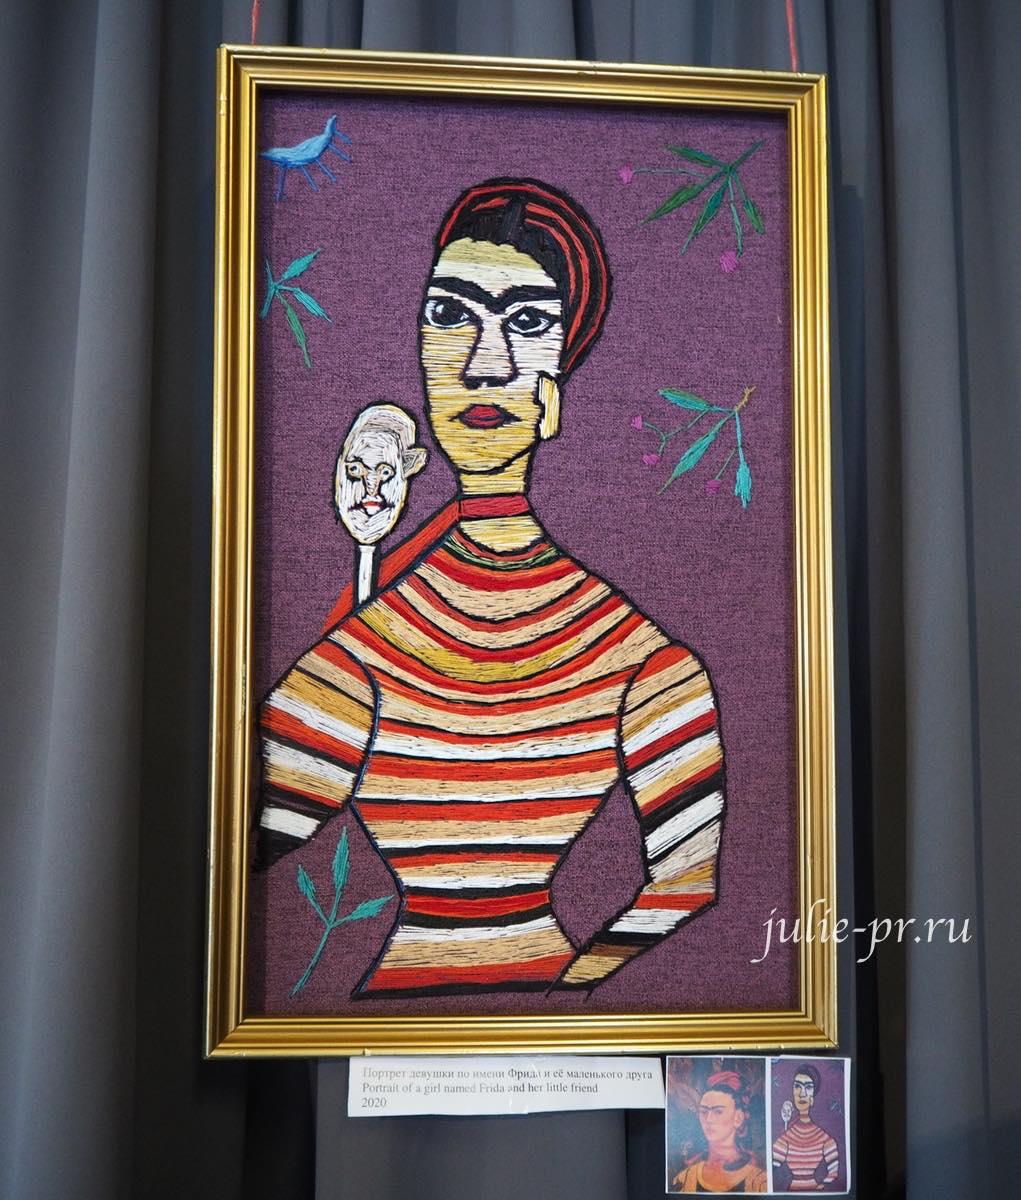 вышивка, выставка, Юлия Алёшичева, деменция, девушка из 1928 года, girl_from_1938, Свекабель Порт